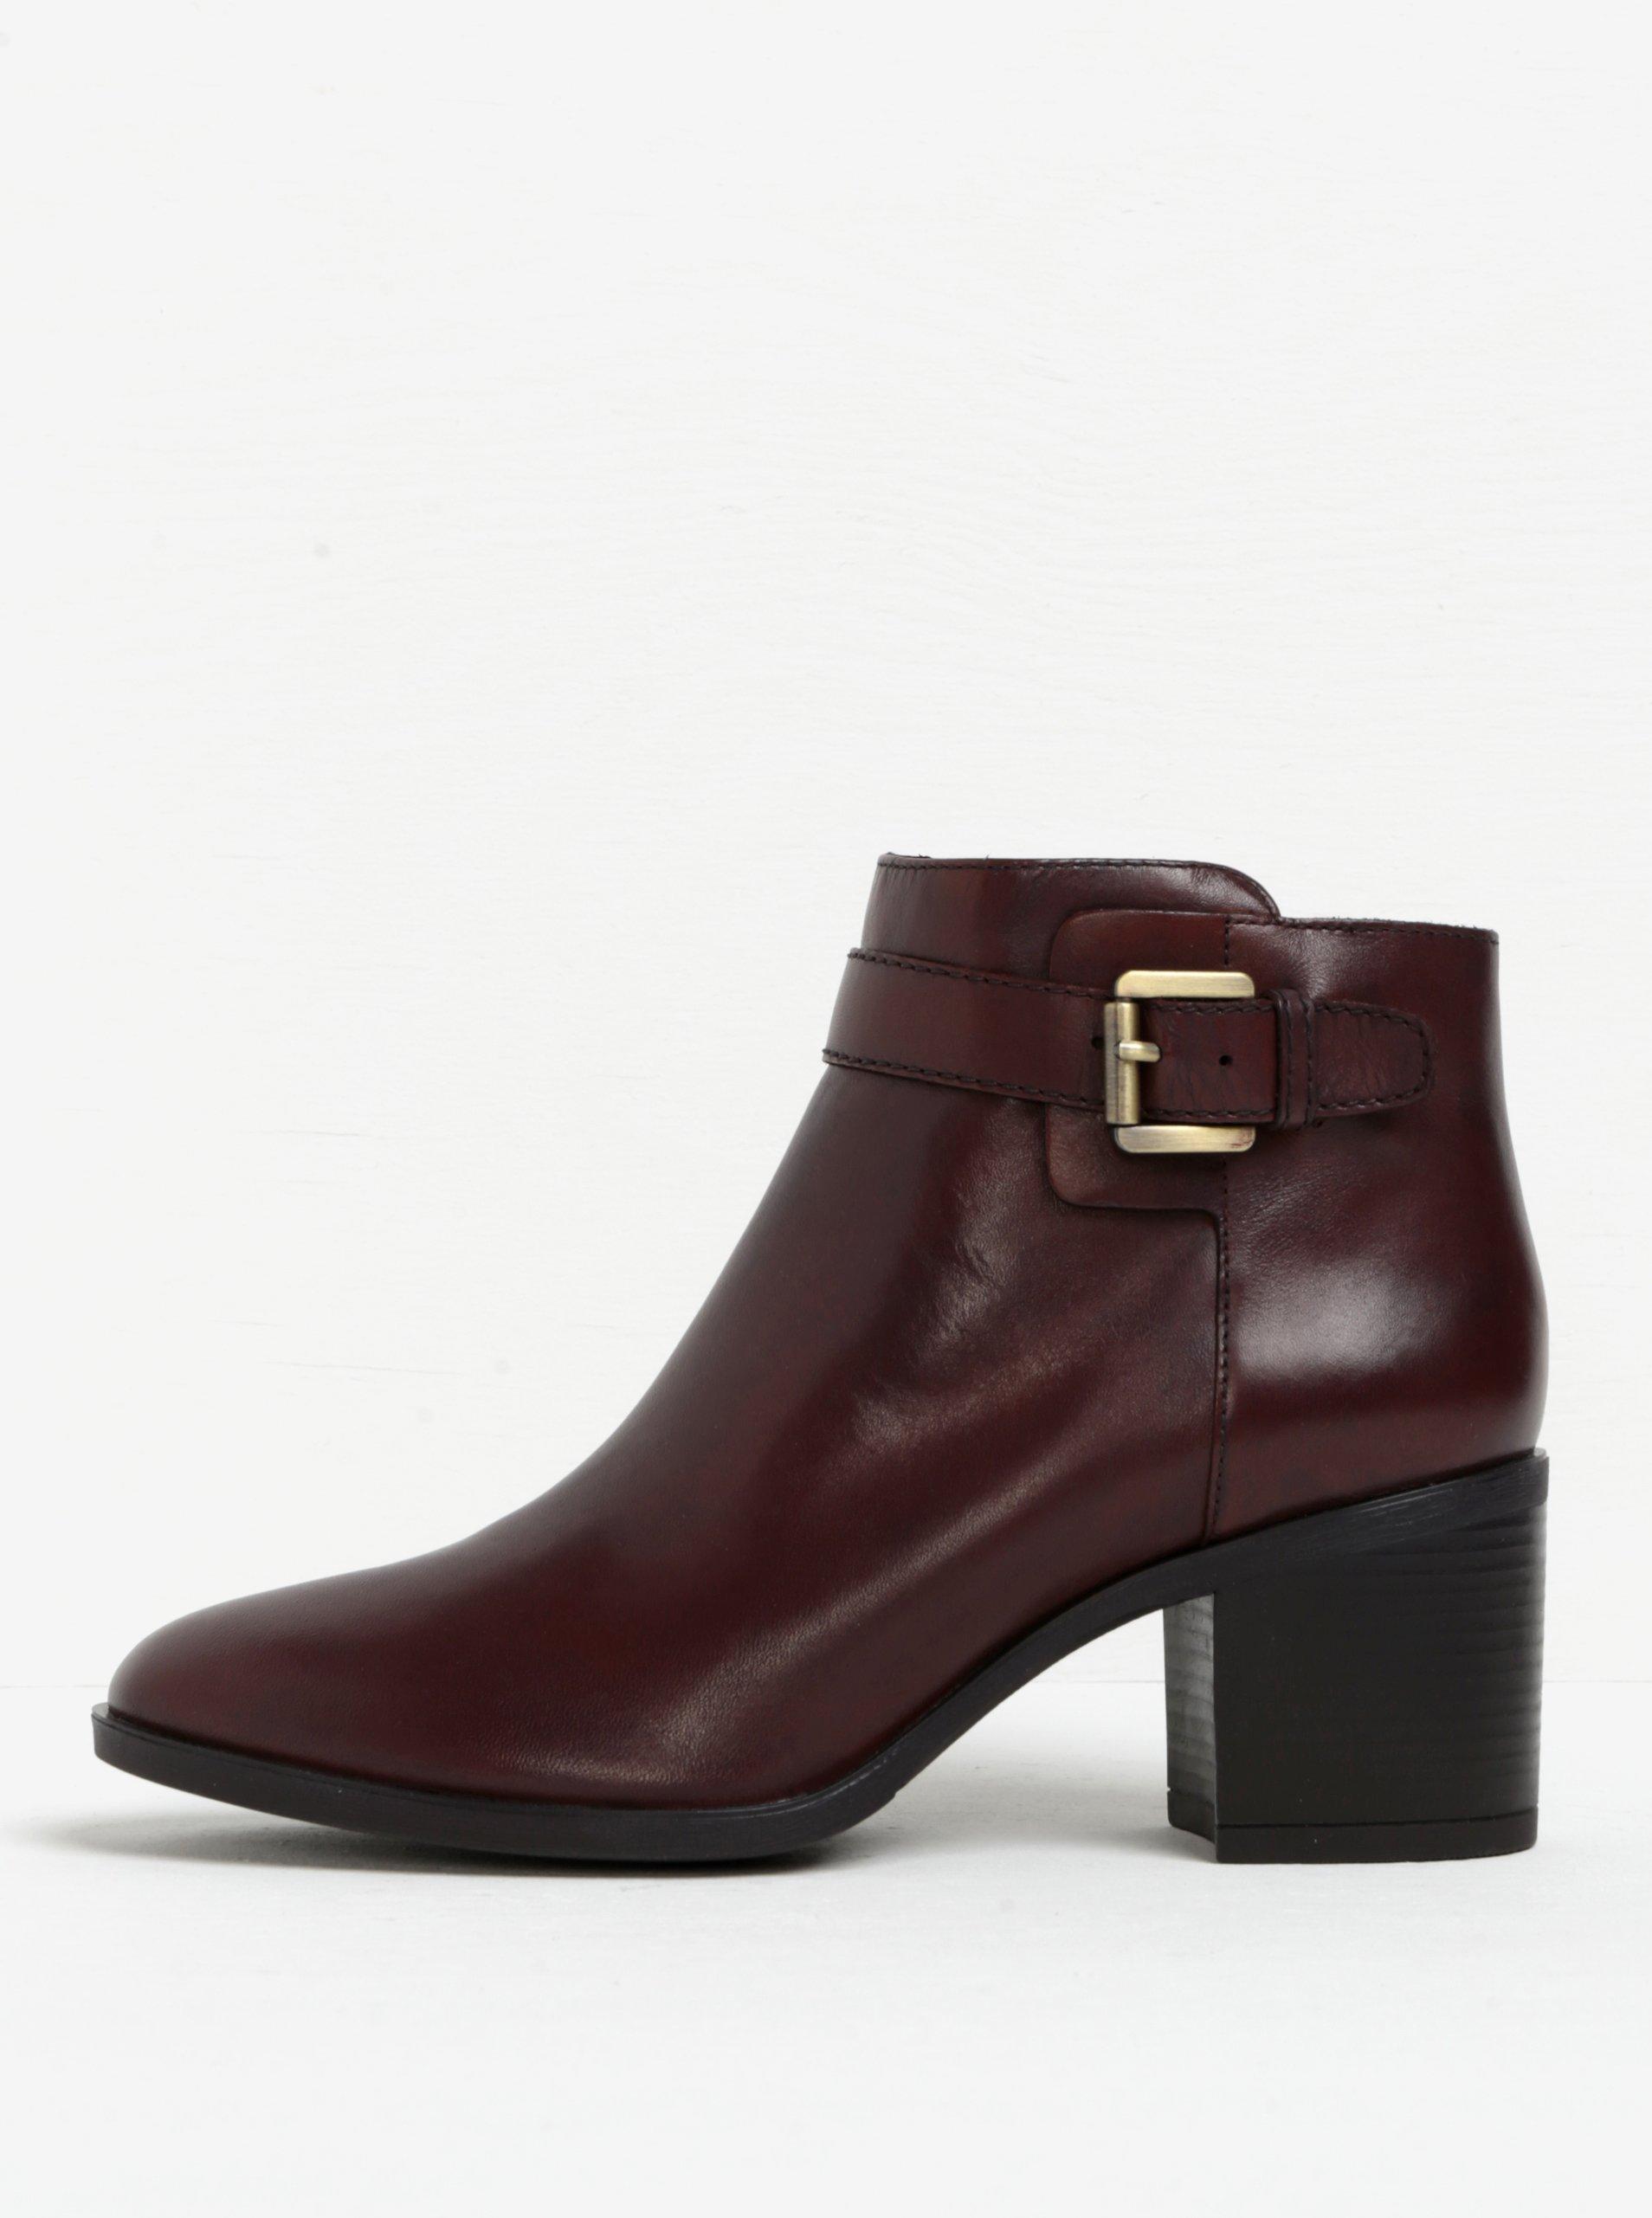 36291c5f54 Hnedé dámske kožené členkové topánky s prackou Geox Glynna